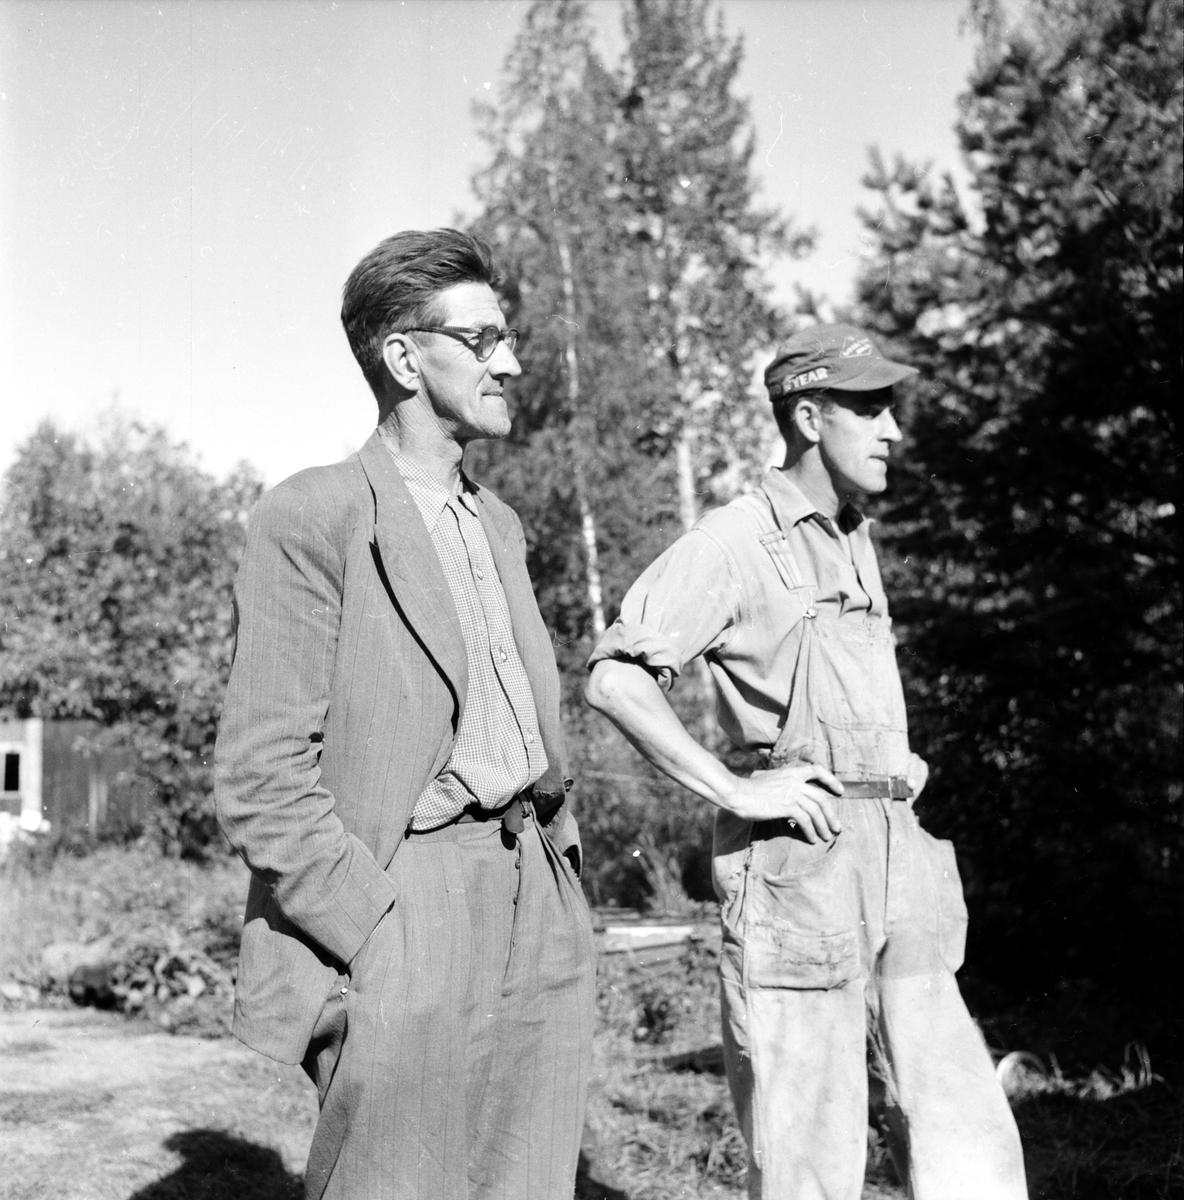 Bergman Bertil, Åskbrand, 7 Aug 1956